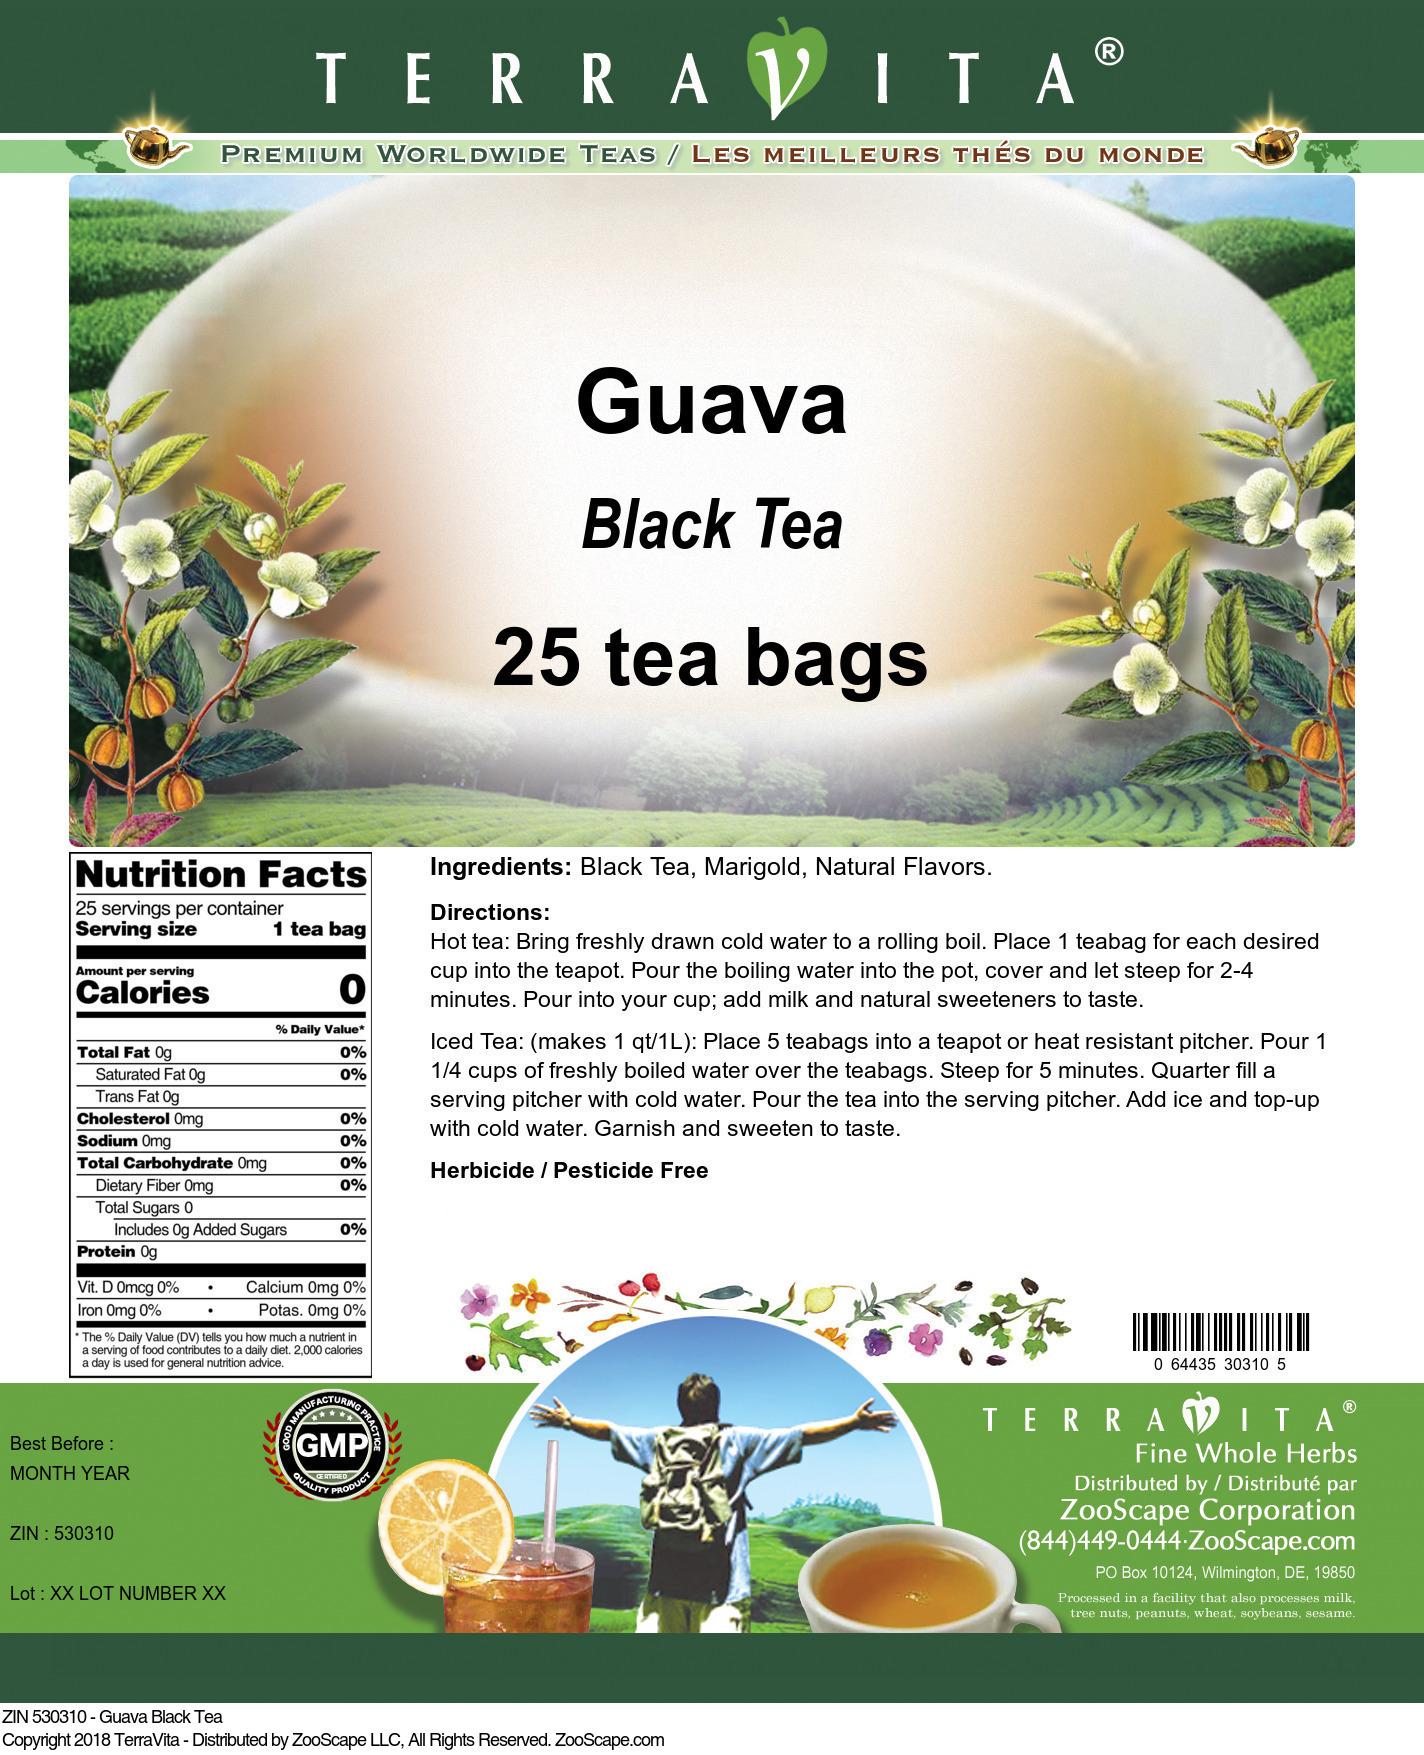 Guava Black Tea